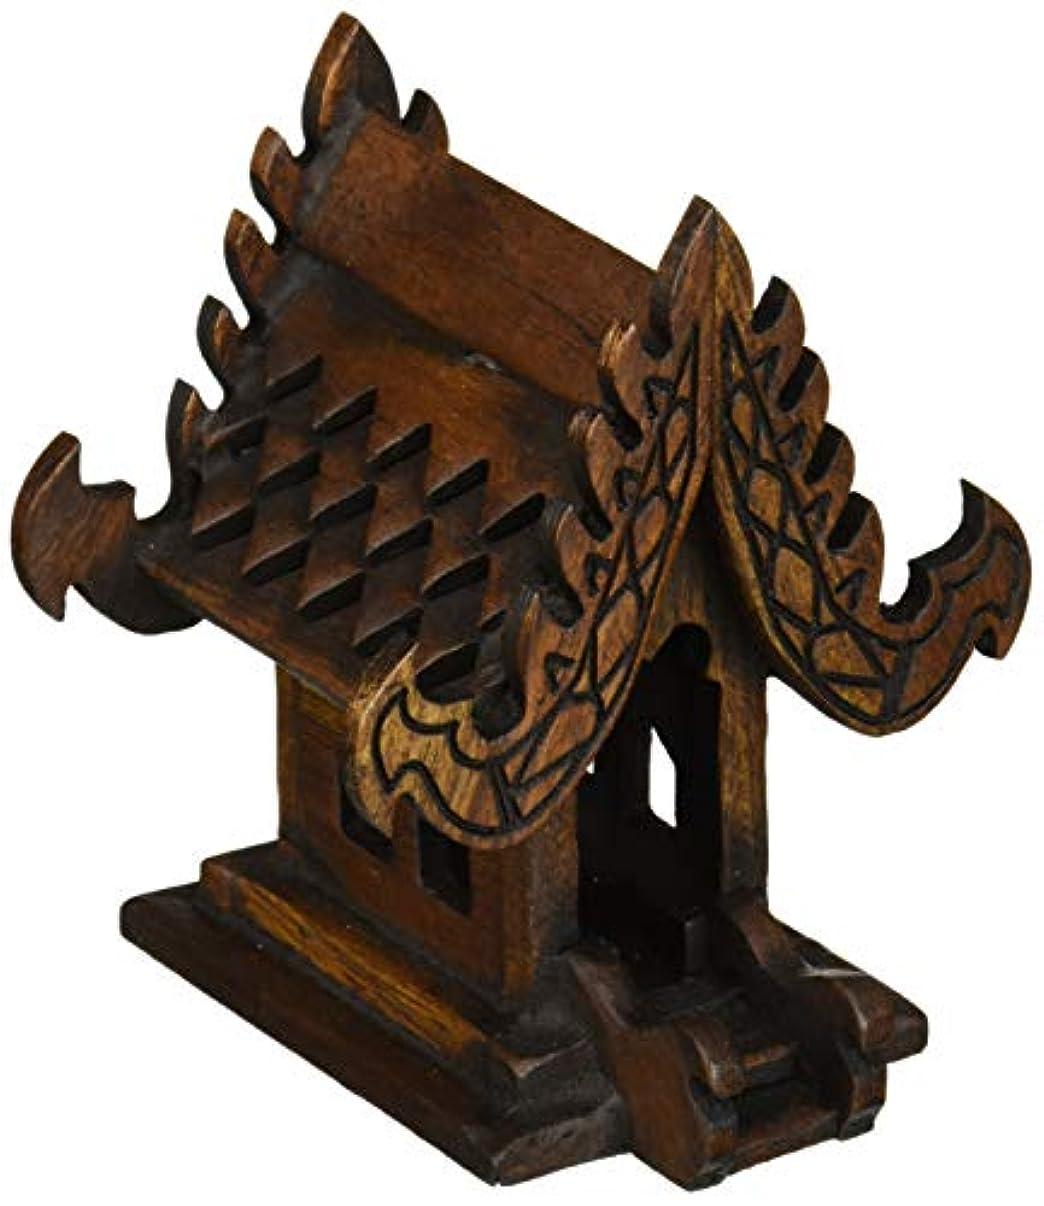 すごいとげのある長老デザインunseenthailandタイ仏教でハンドメイドチーク材木製Spirit家。 W4